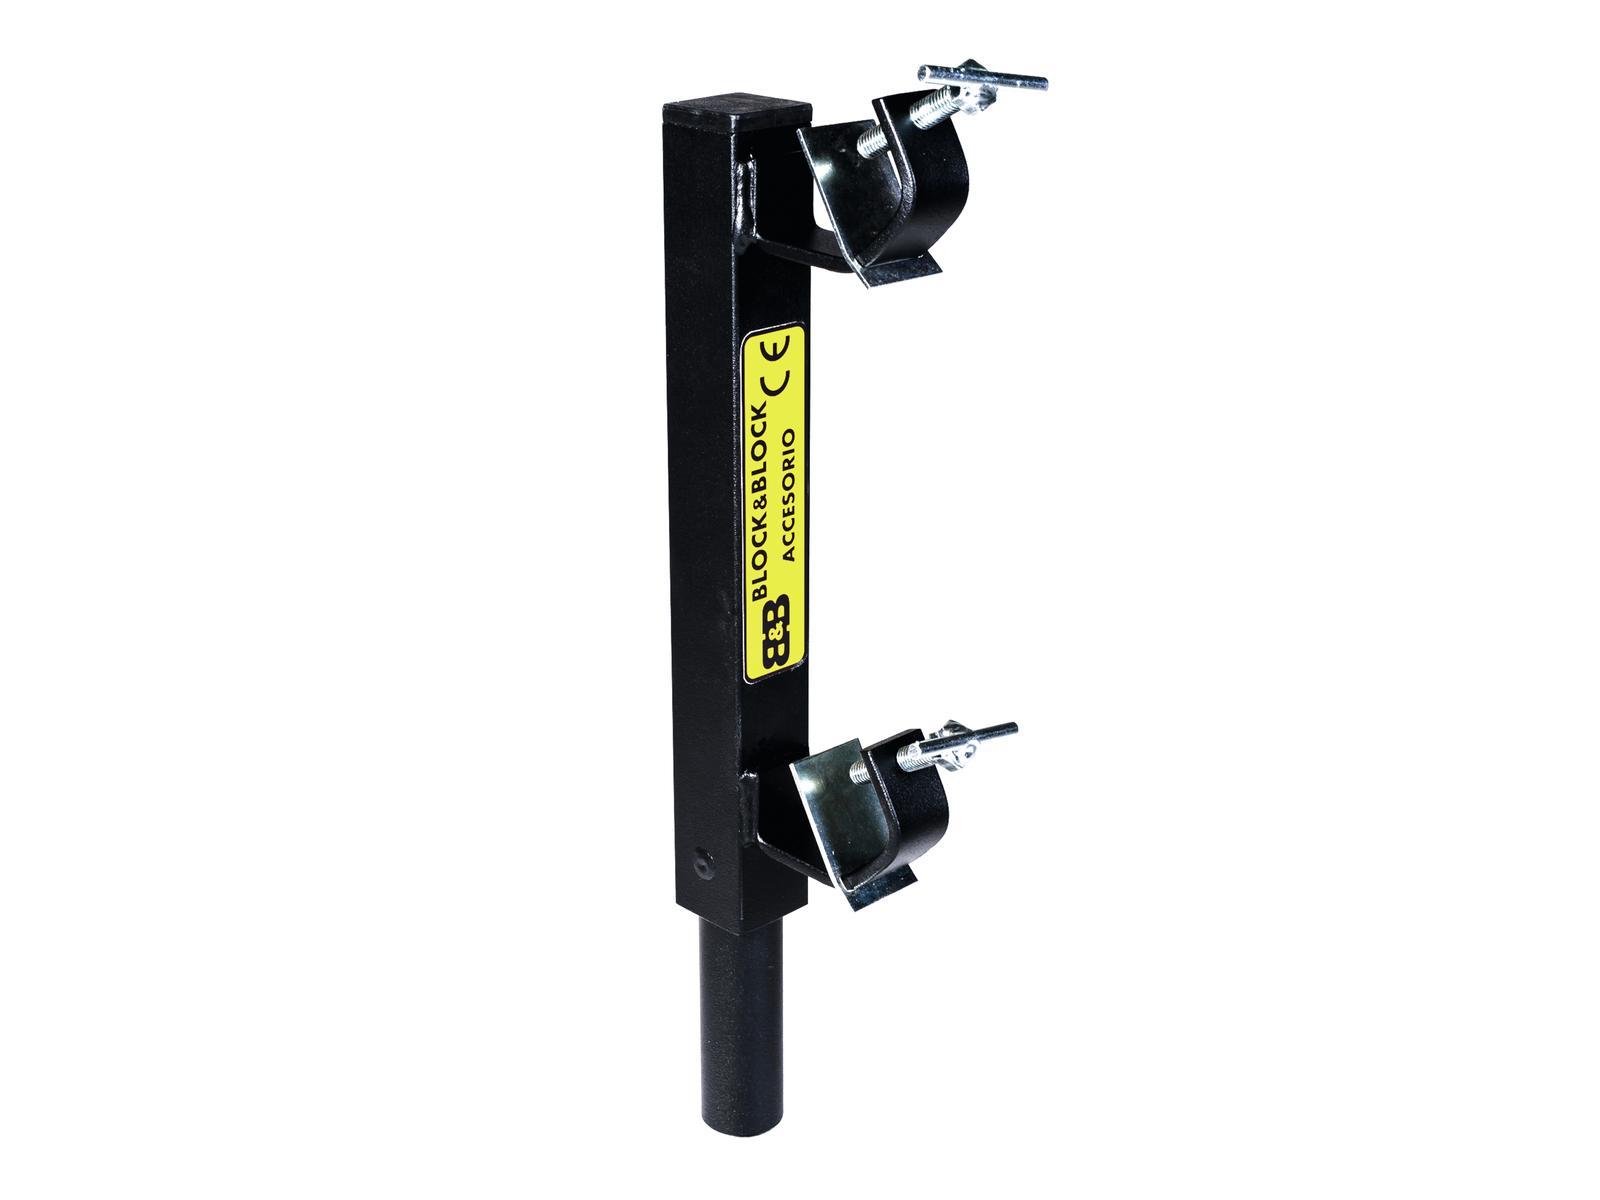 BLOCCO E BLOCCO AM3804 Parallelo traliccio di sostegno inserimento 38mm mal